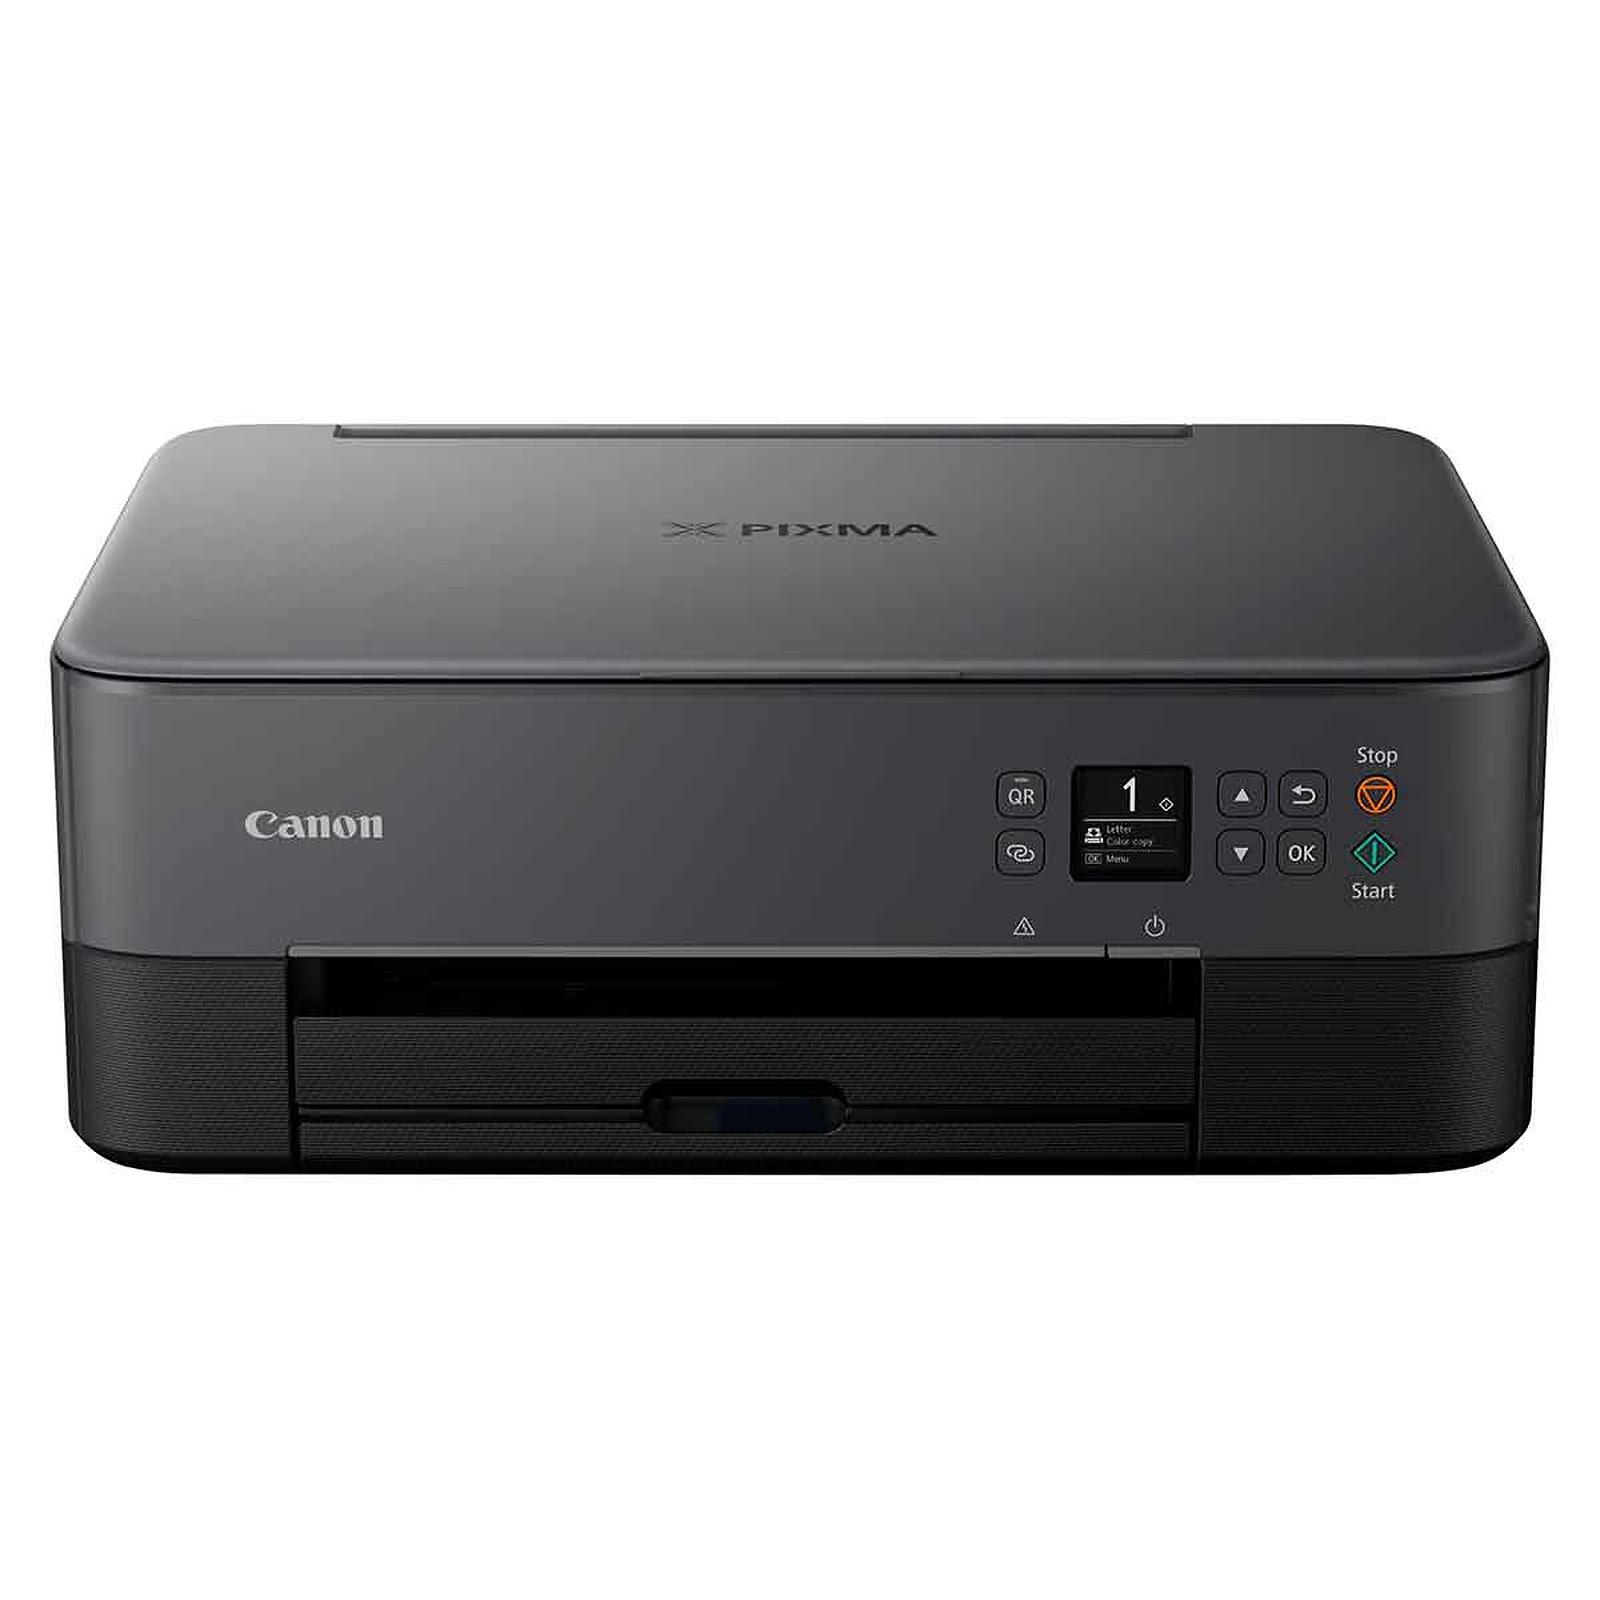 PIXMA TS5350 (3773C006) - Achat / Vente Imprimante multifonction sur Picata.fr - 0